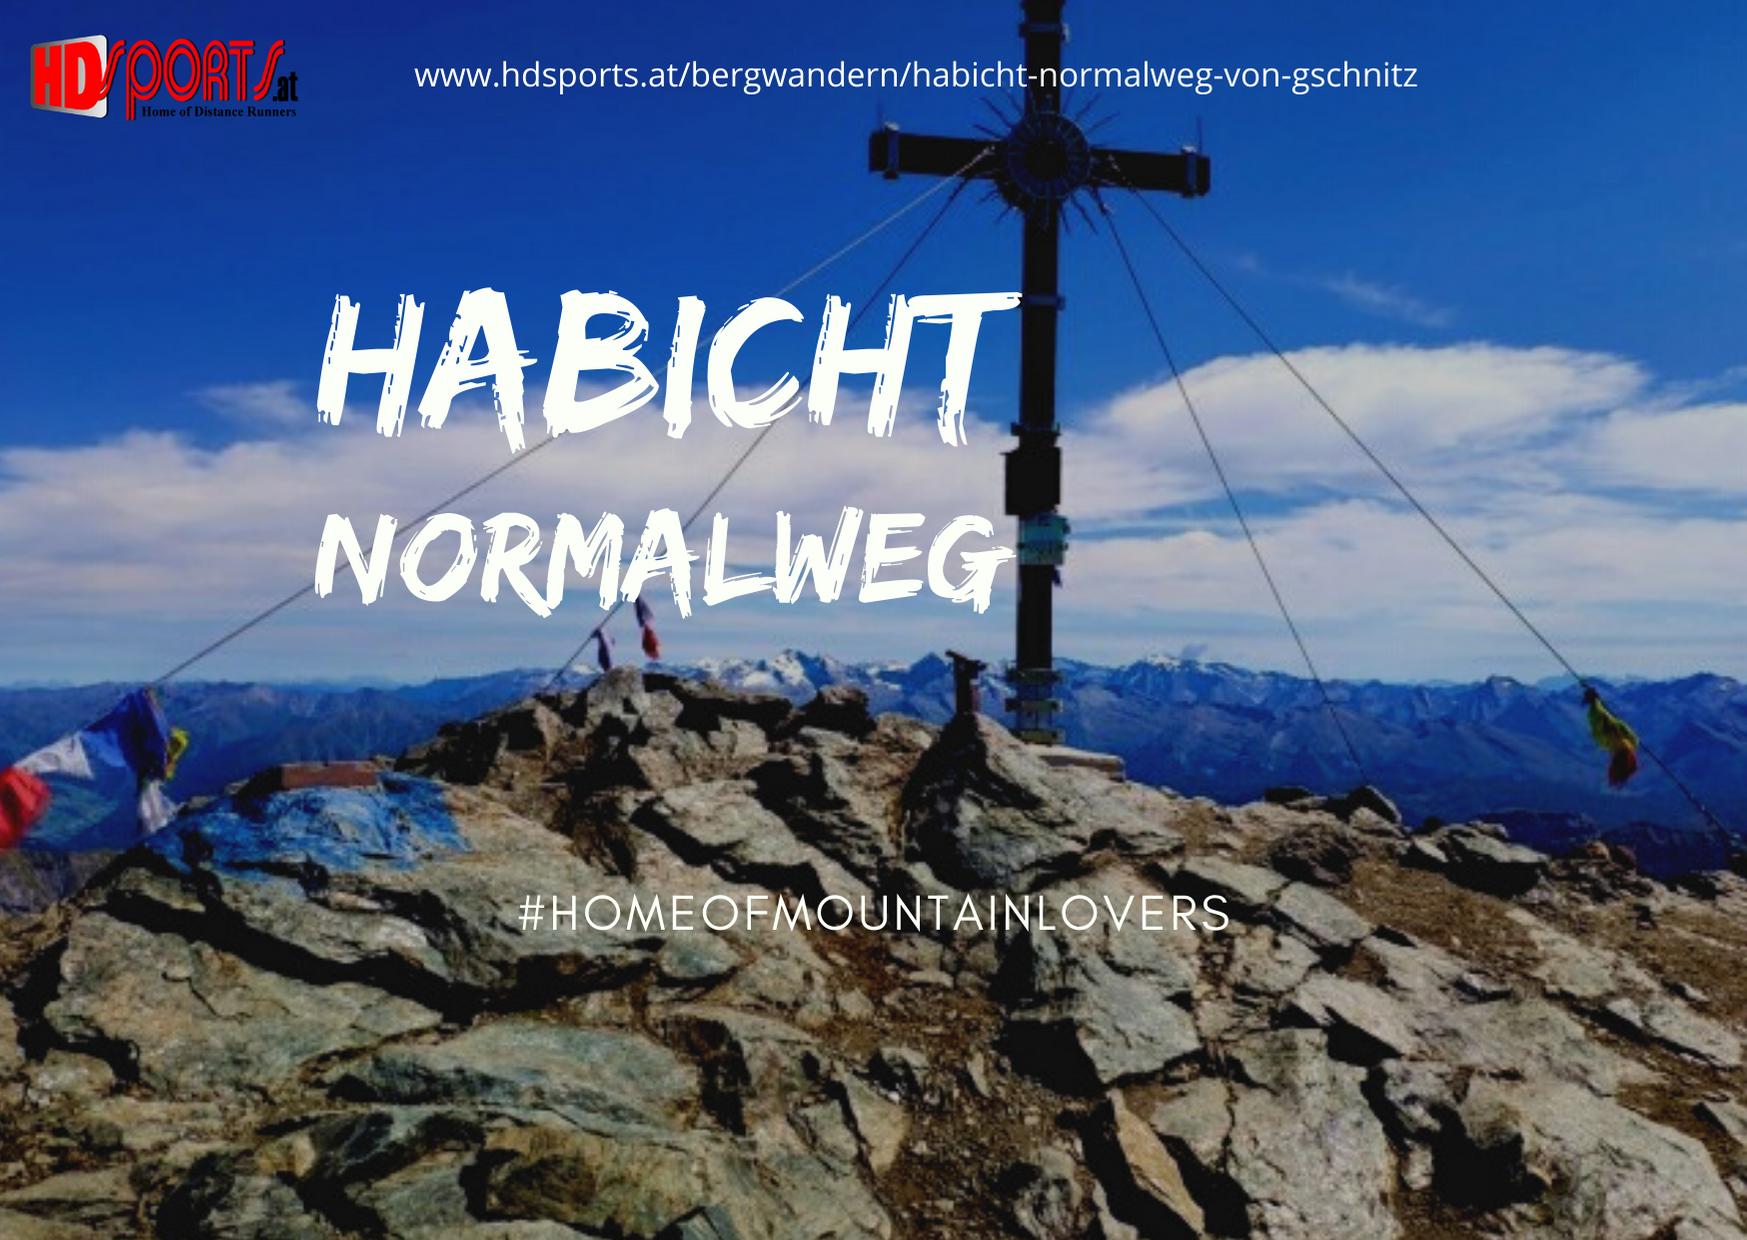 Route Auf Den Habicht Normalweg Von Gschnitz Habicht Bergtour Bergwandern